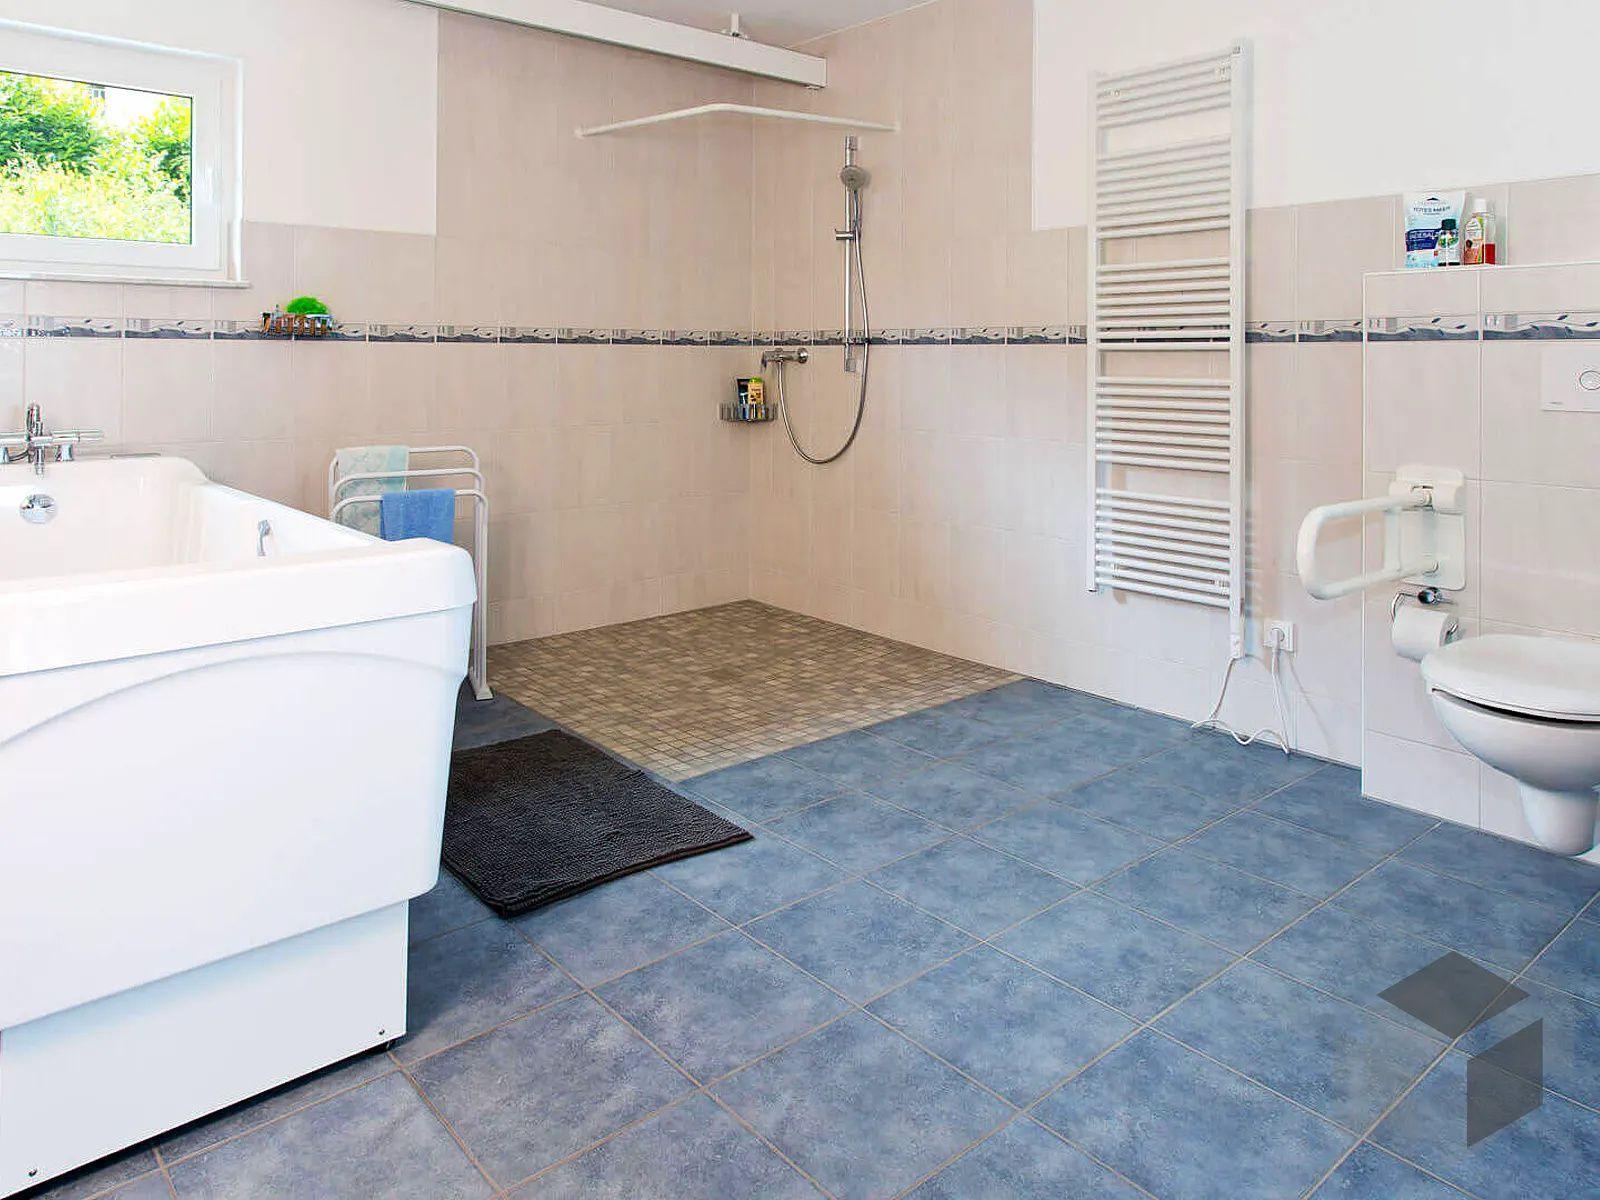 Badezimmer Fertighaus Bonvenon Von Fingerhut Haus Hauser Und Anbieter Schnell Und Einfach Vergleichen Finden Sie Jetzt Ihr Traumhaus